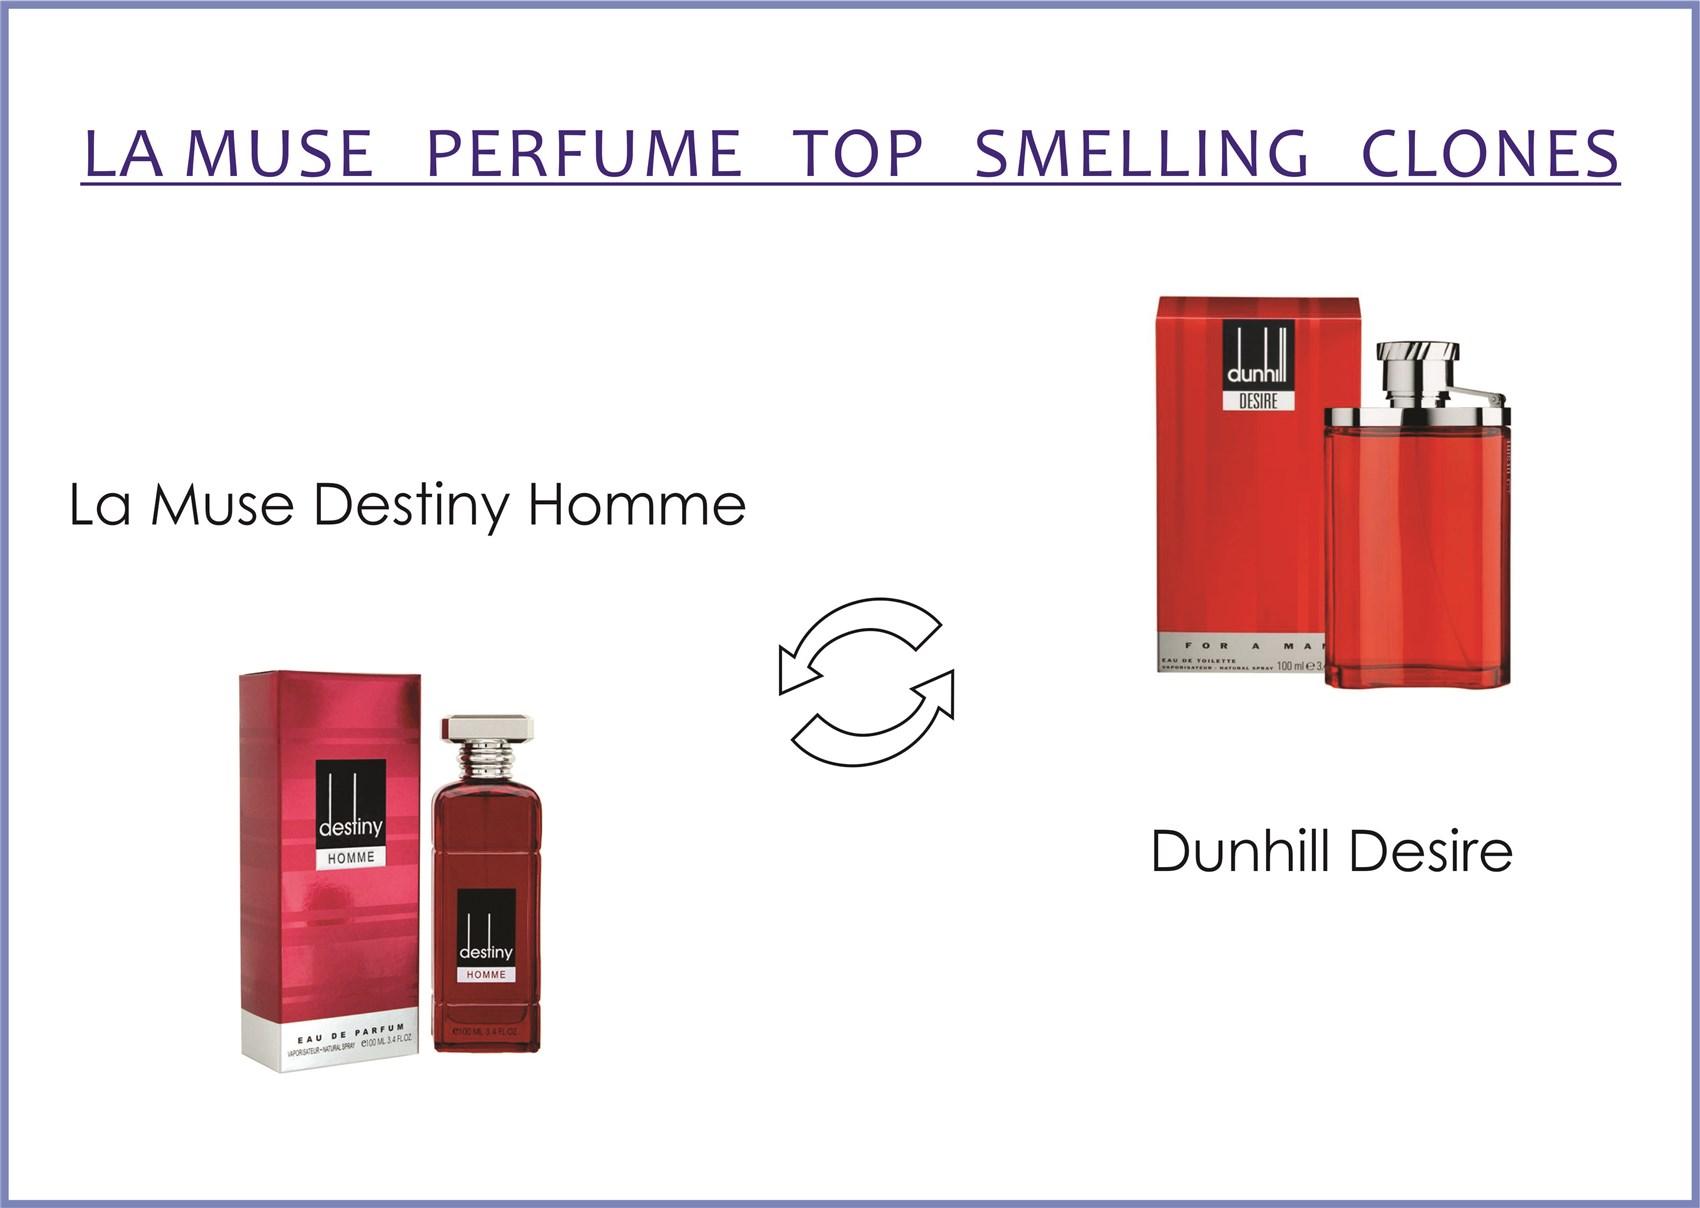 la-muse-destiny-homme-for-men-100-ml-edp-by-lattafa-perfumes-dunhill-desire-perfume-for-men-150-ml-edt